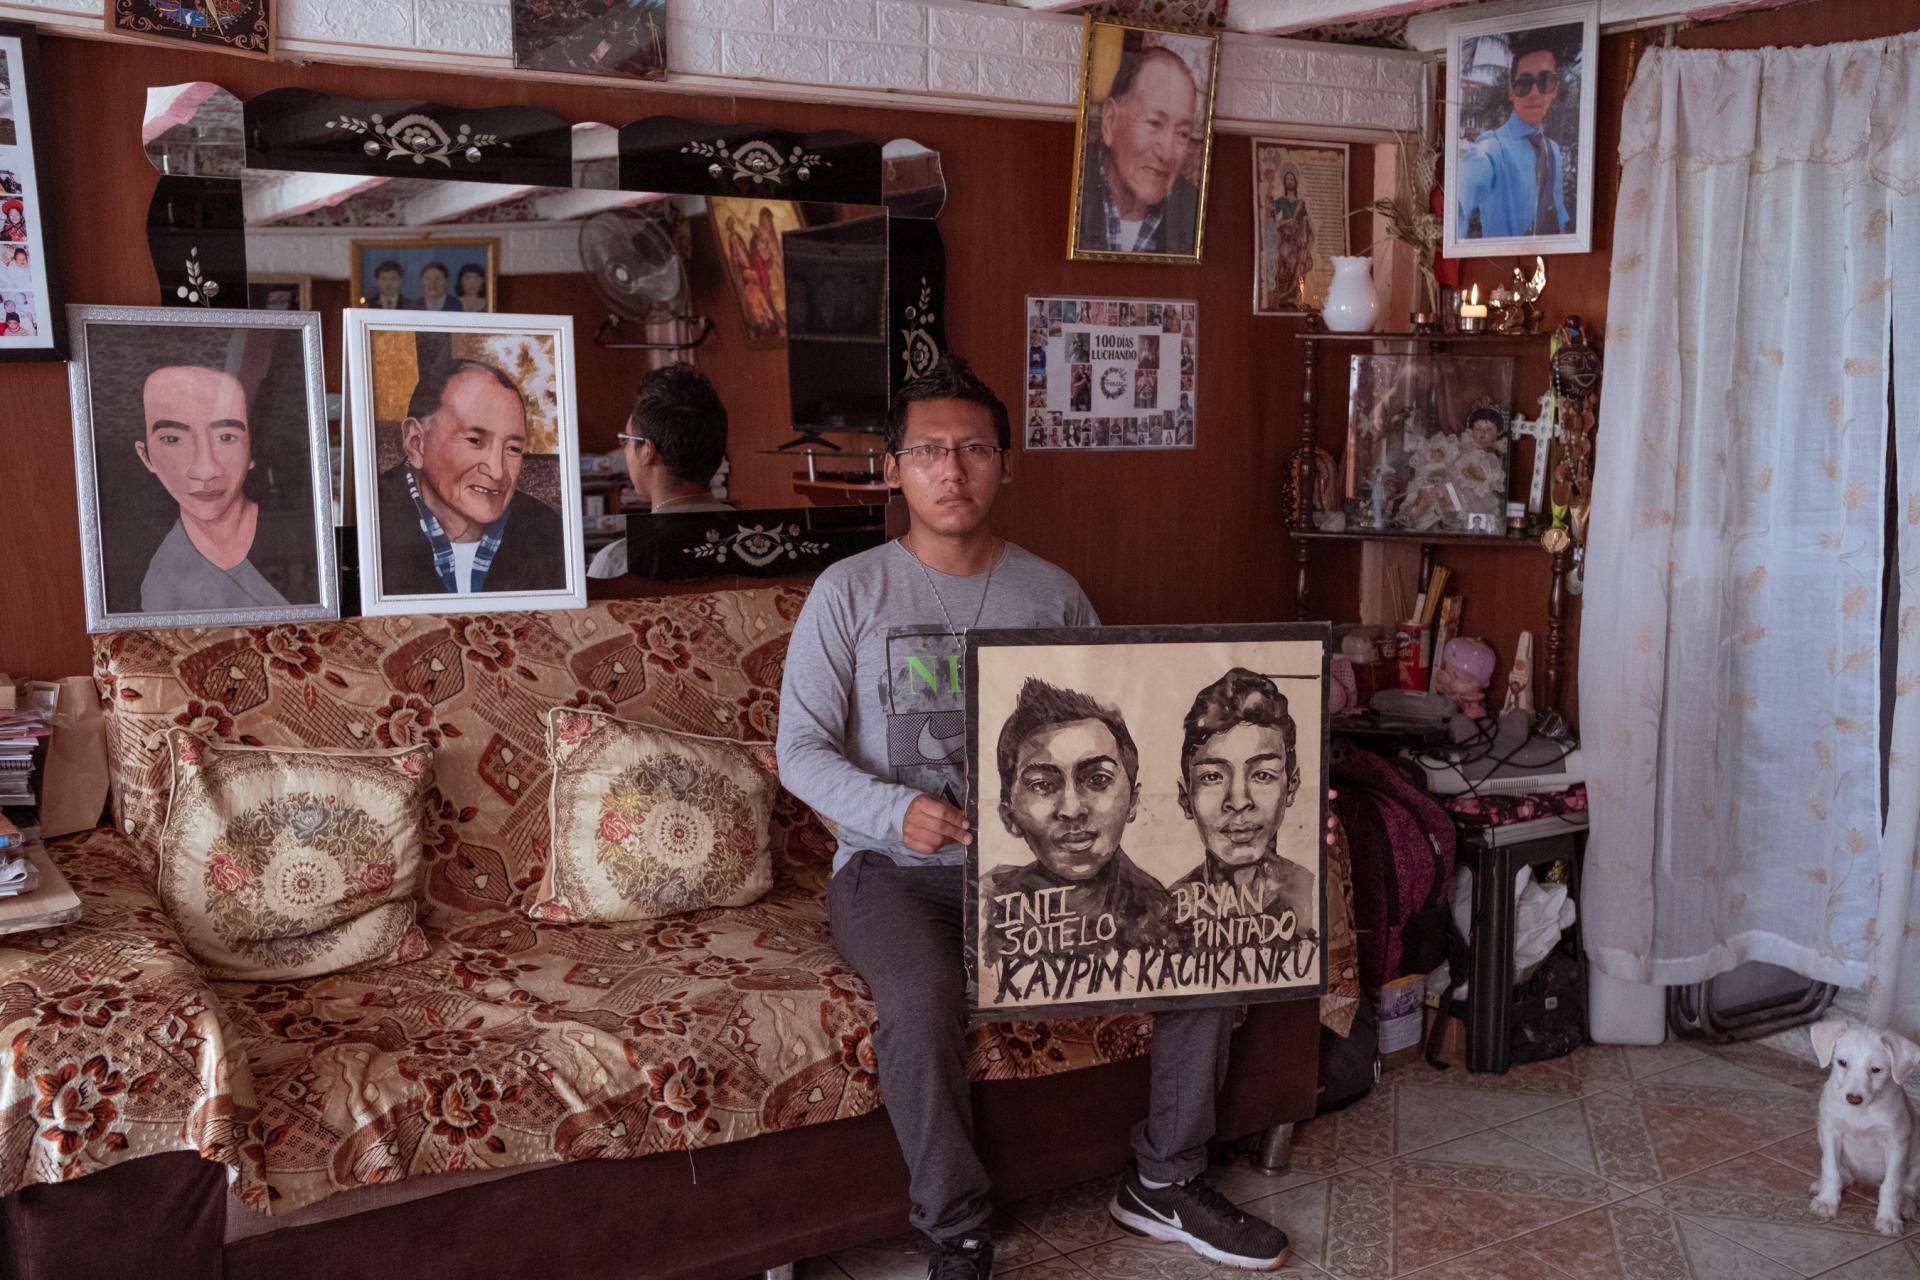 A Lima, le 8 avril 2021. Pacha Sotelo montreun portrait dessiné de son frère, Inti Sotelo, et Brian Pintado, tués en novembre 2020 par des policiers.